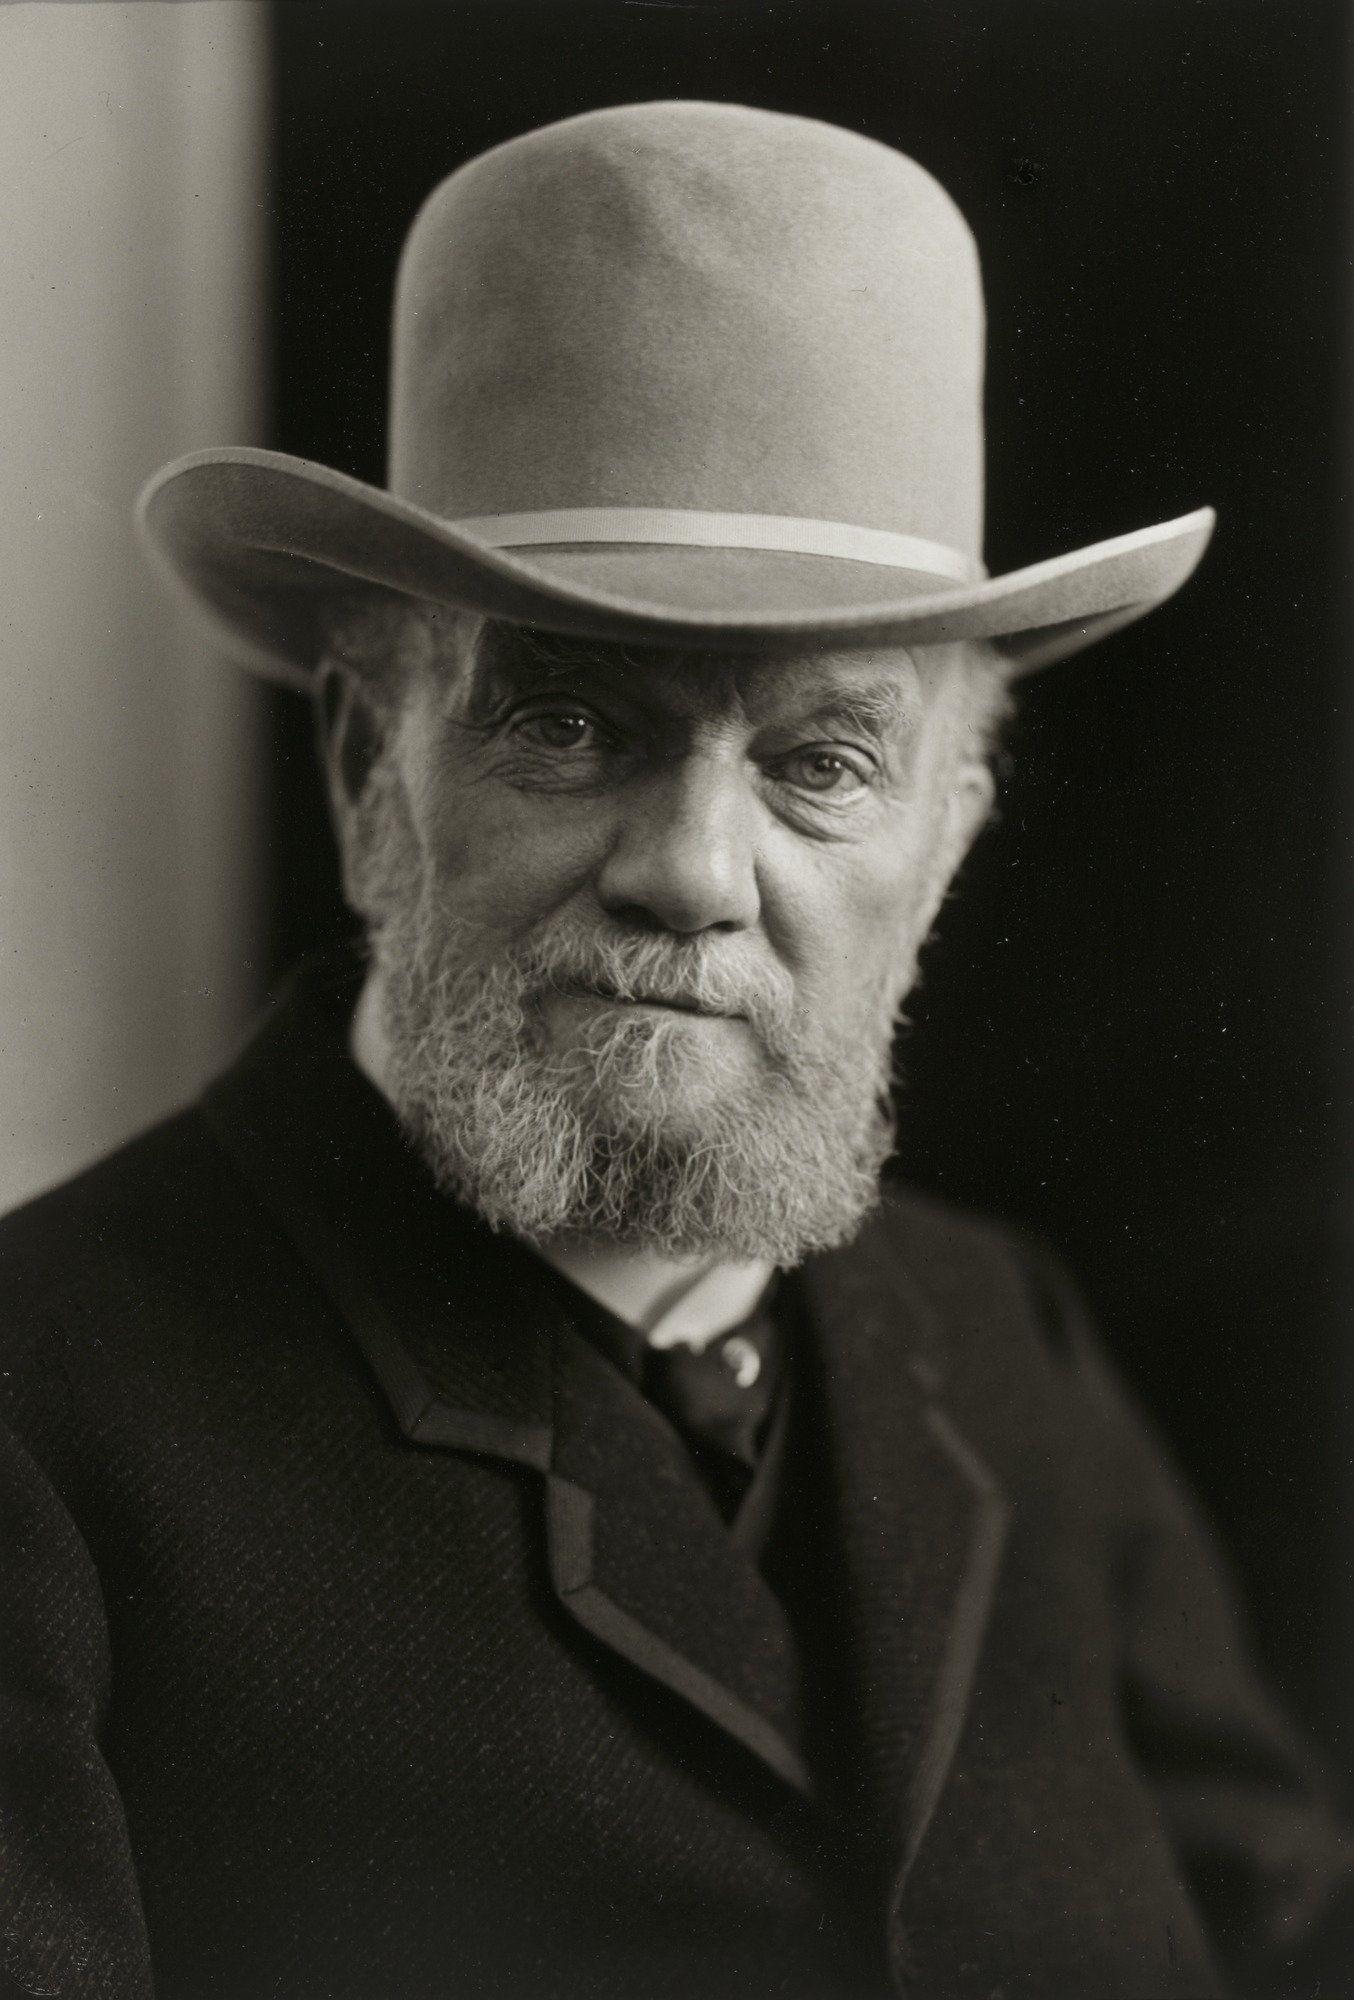 August Sander. The Manufacturer. 1906-14.